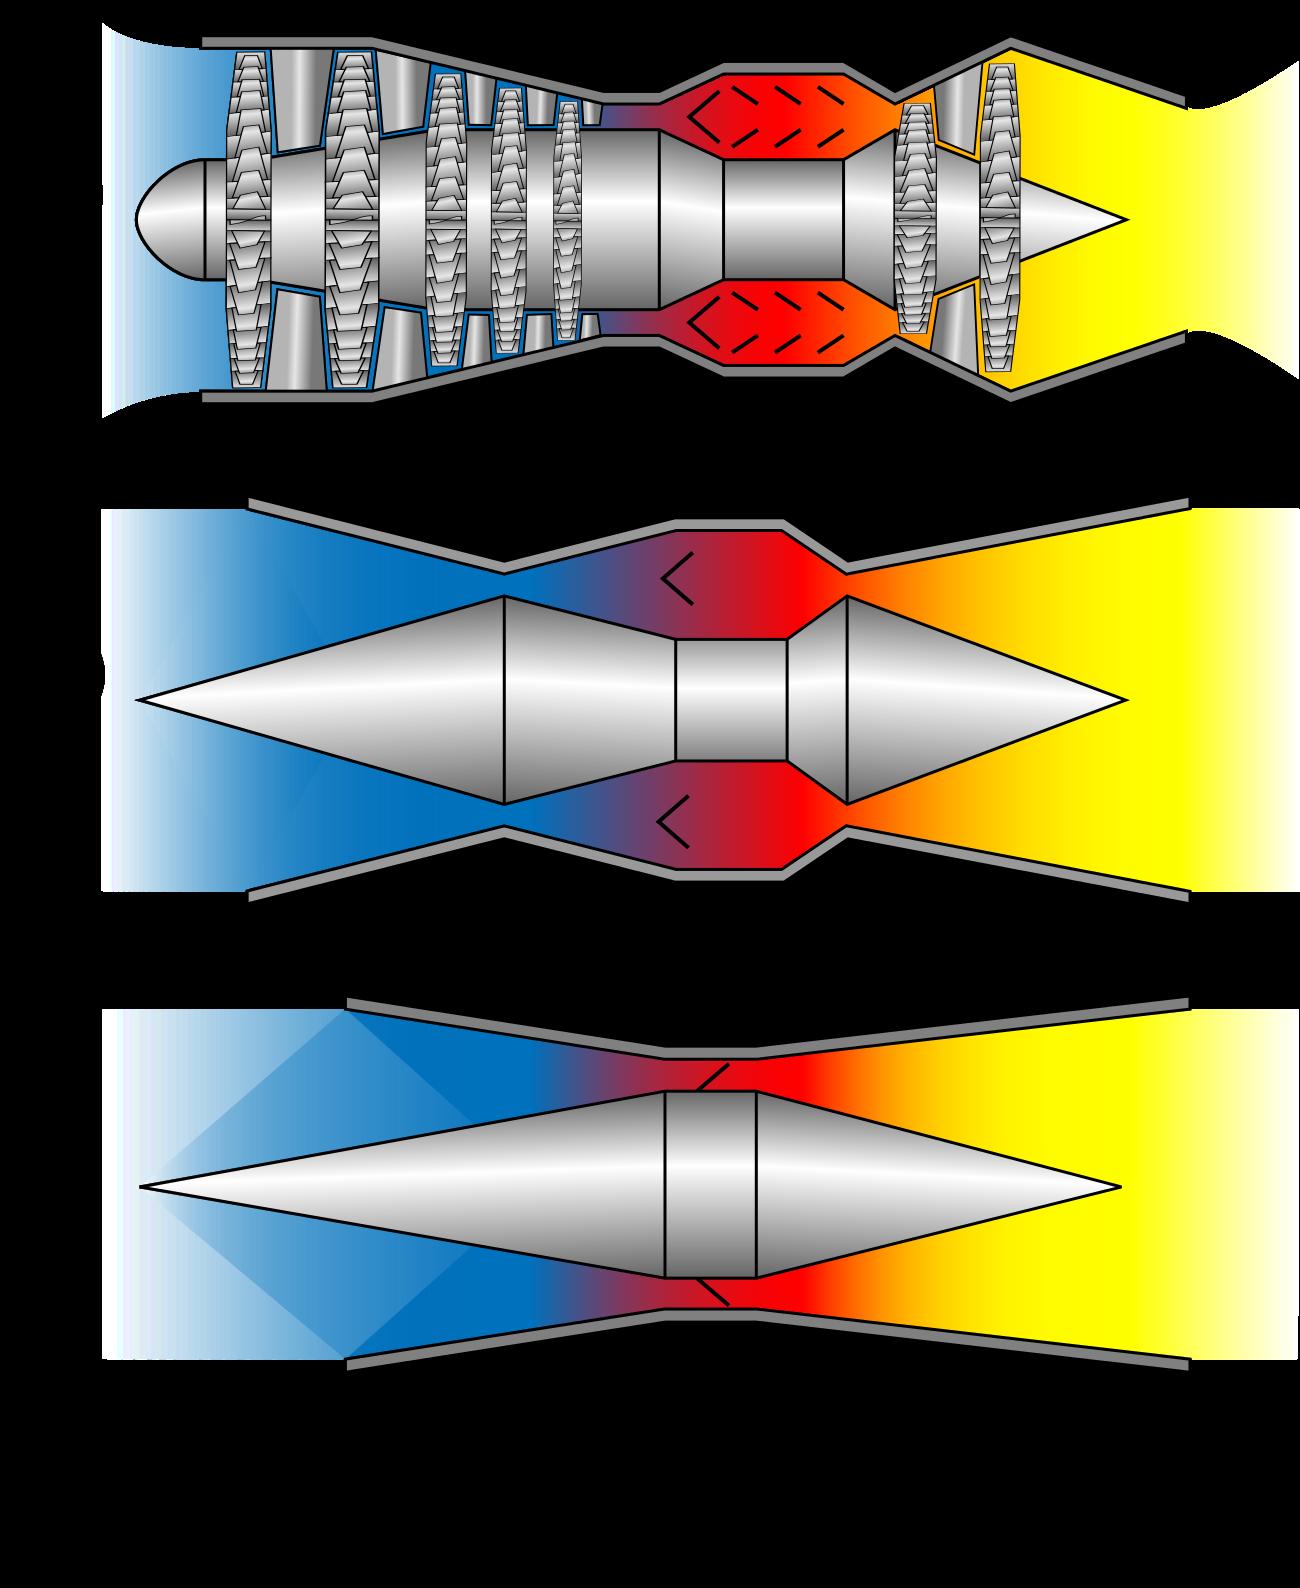 scramjet